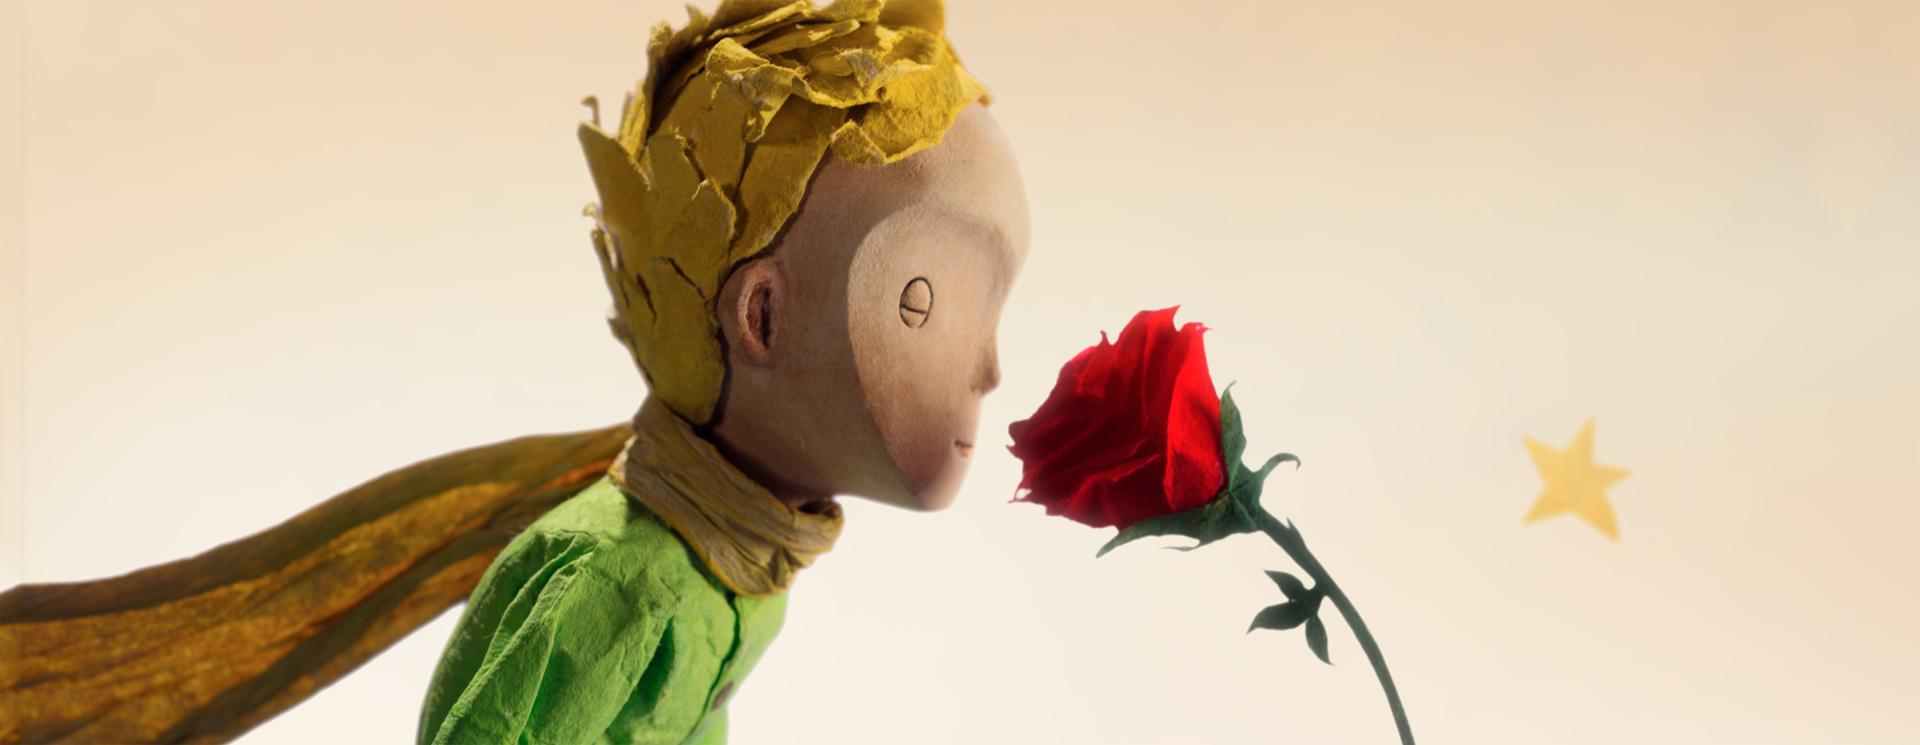 El Principito Fondos The Little Prince Wallpapers Hd